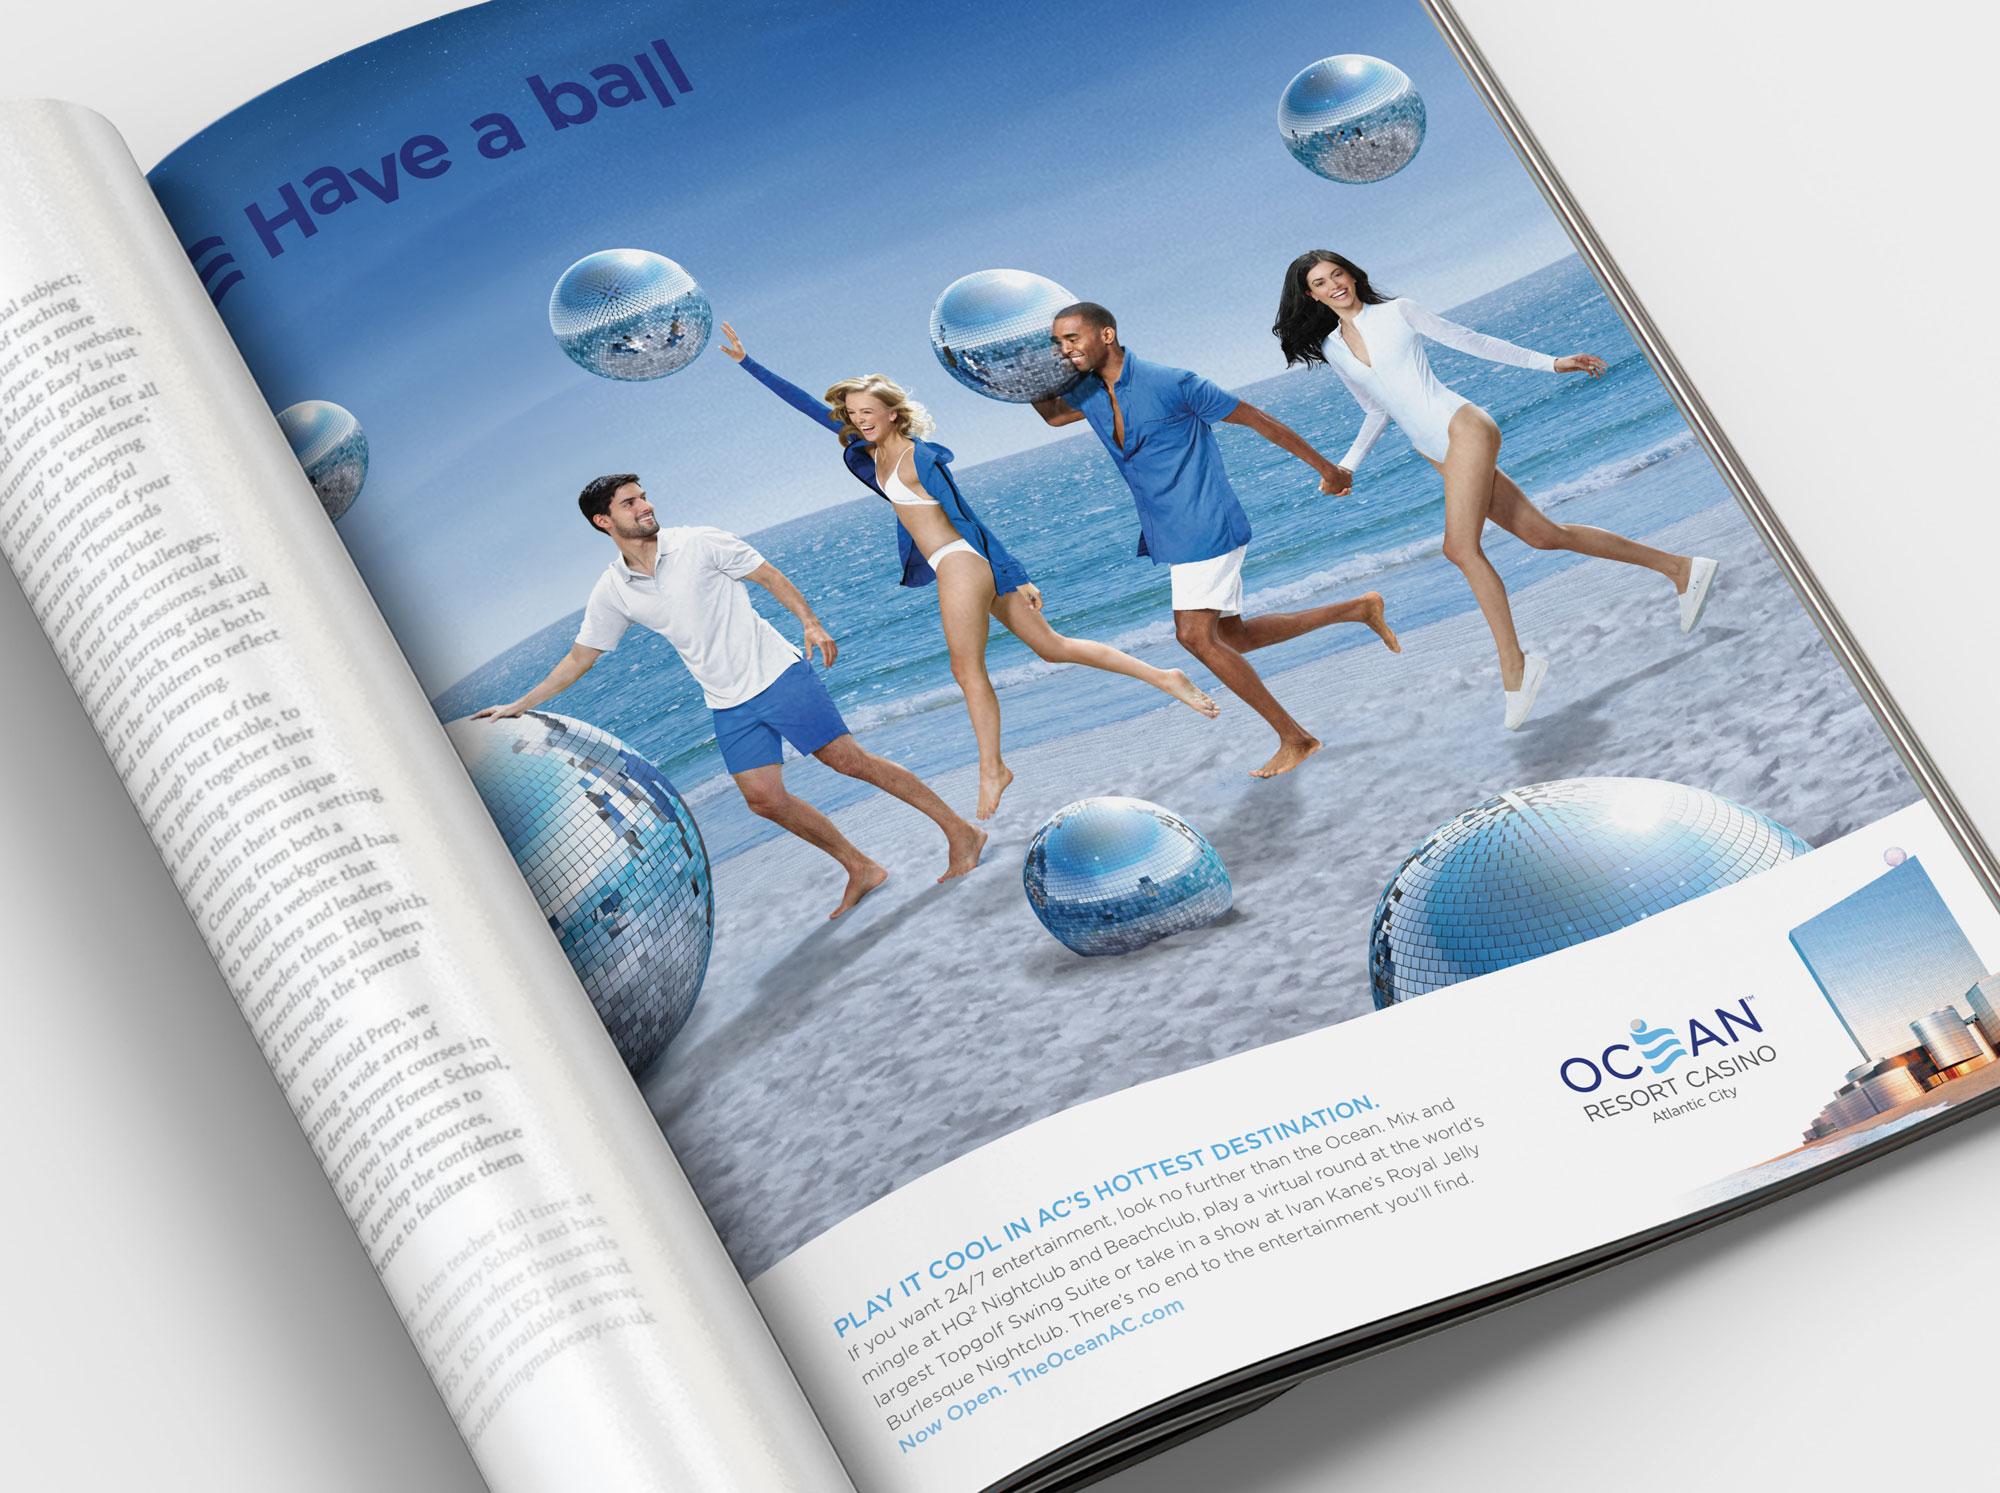 Disco ball ad